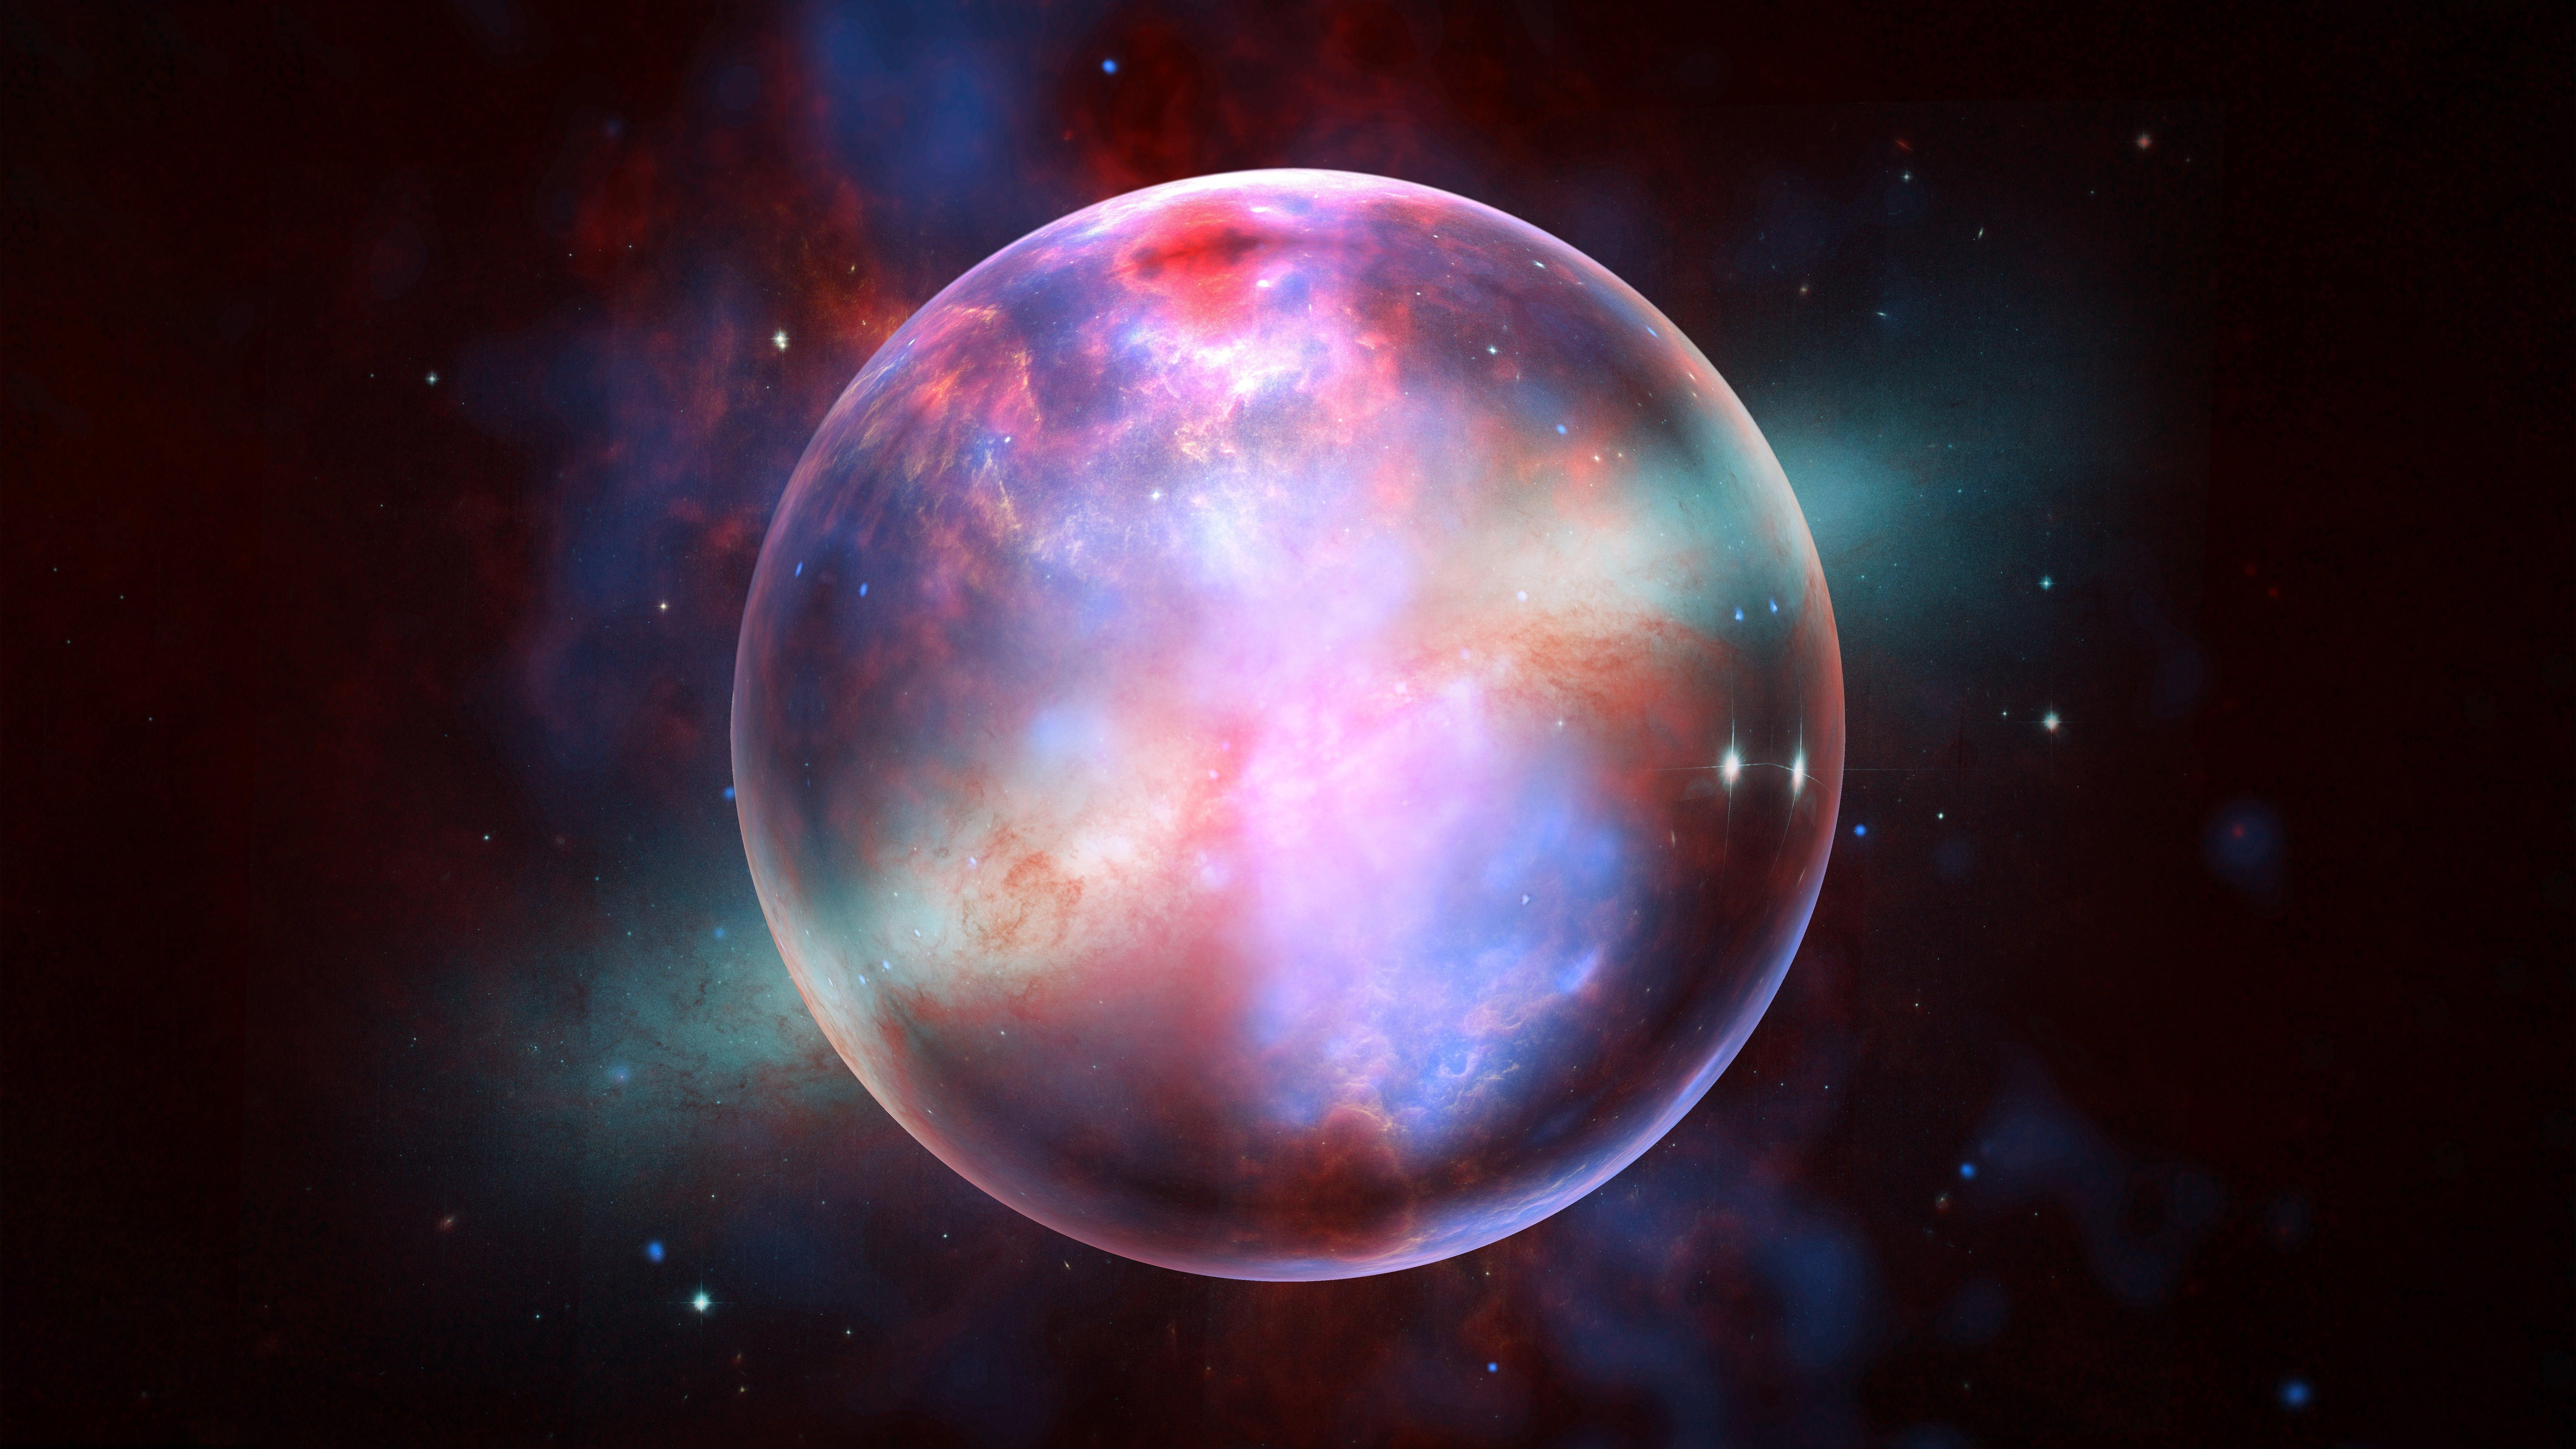 Fondos de pantalla Galaxia encerrada en una esfera